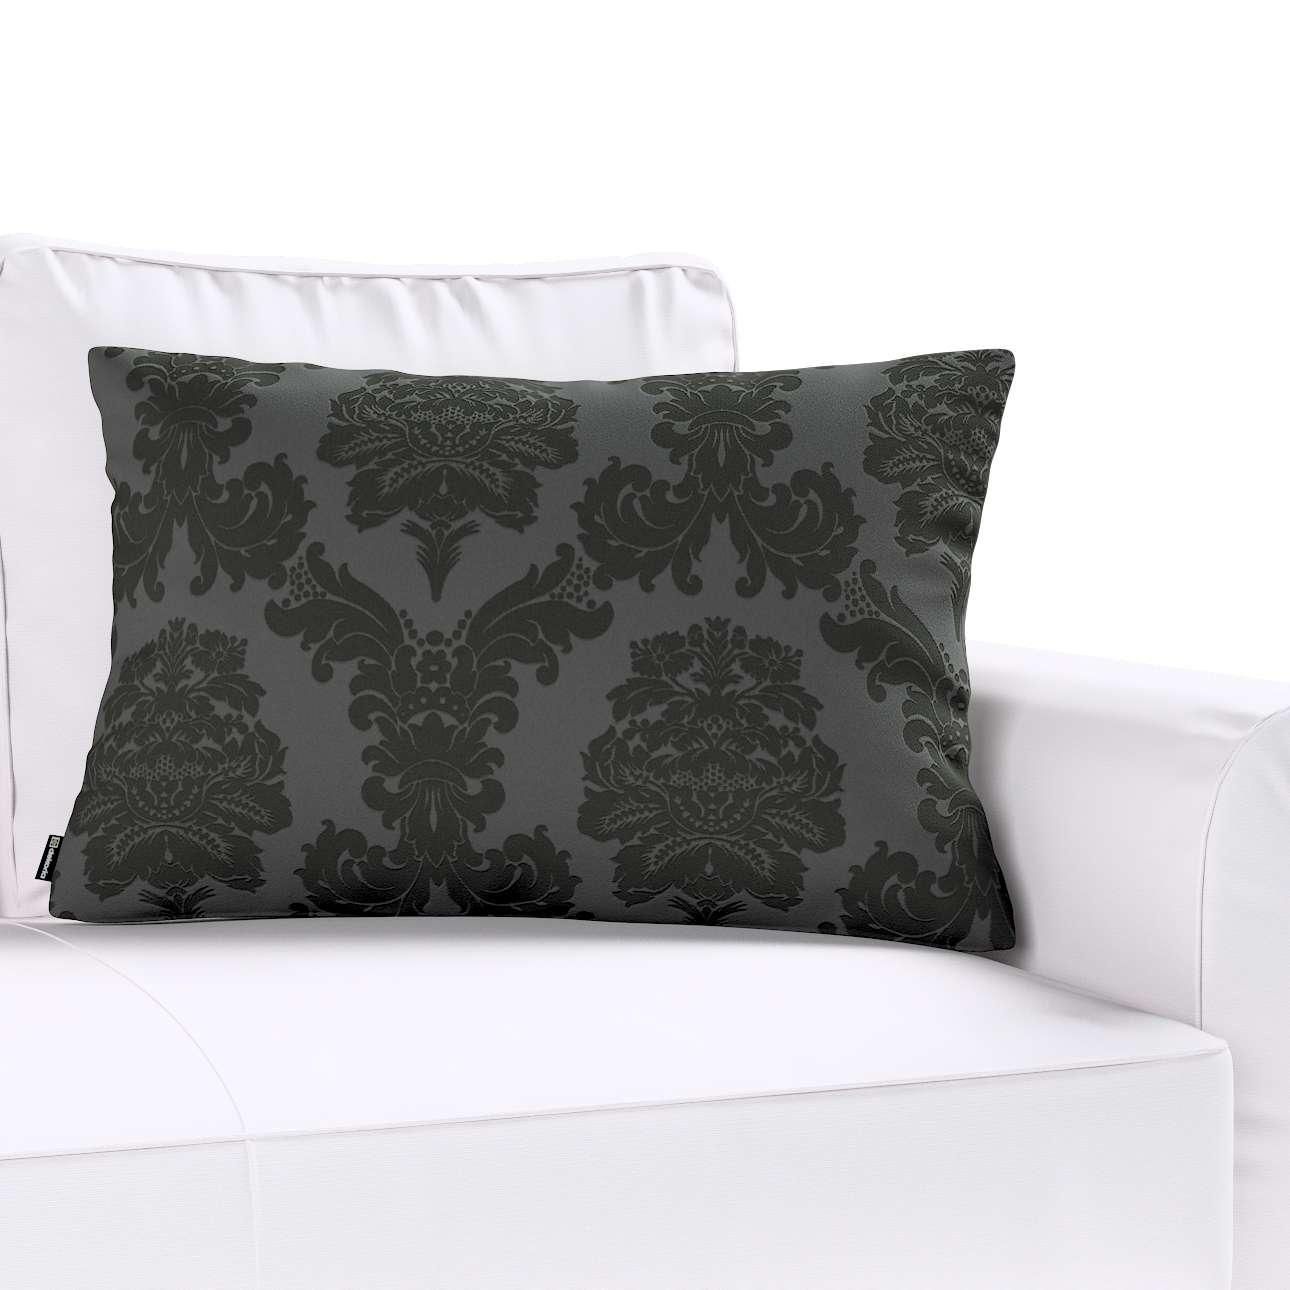 Kinga dekoratyvinės pagalvėlės užvalkalas 60x40cm kolekcijoje Damasco, audinys: 613-32